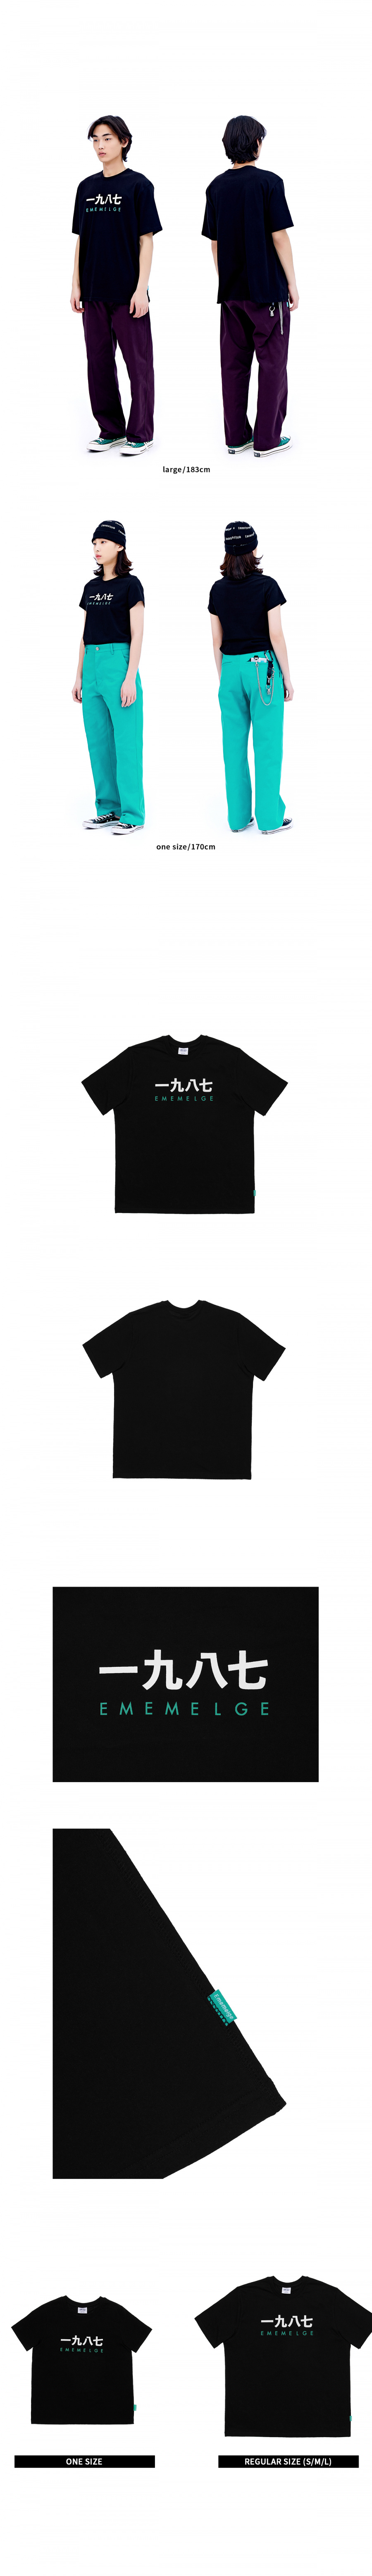 팔칠엠엠(87MM) [Mmlg] 一九八七 HF-T (BLACK)